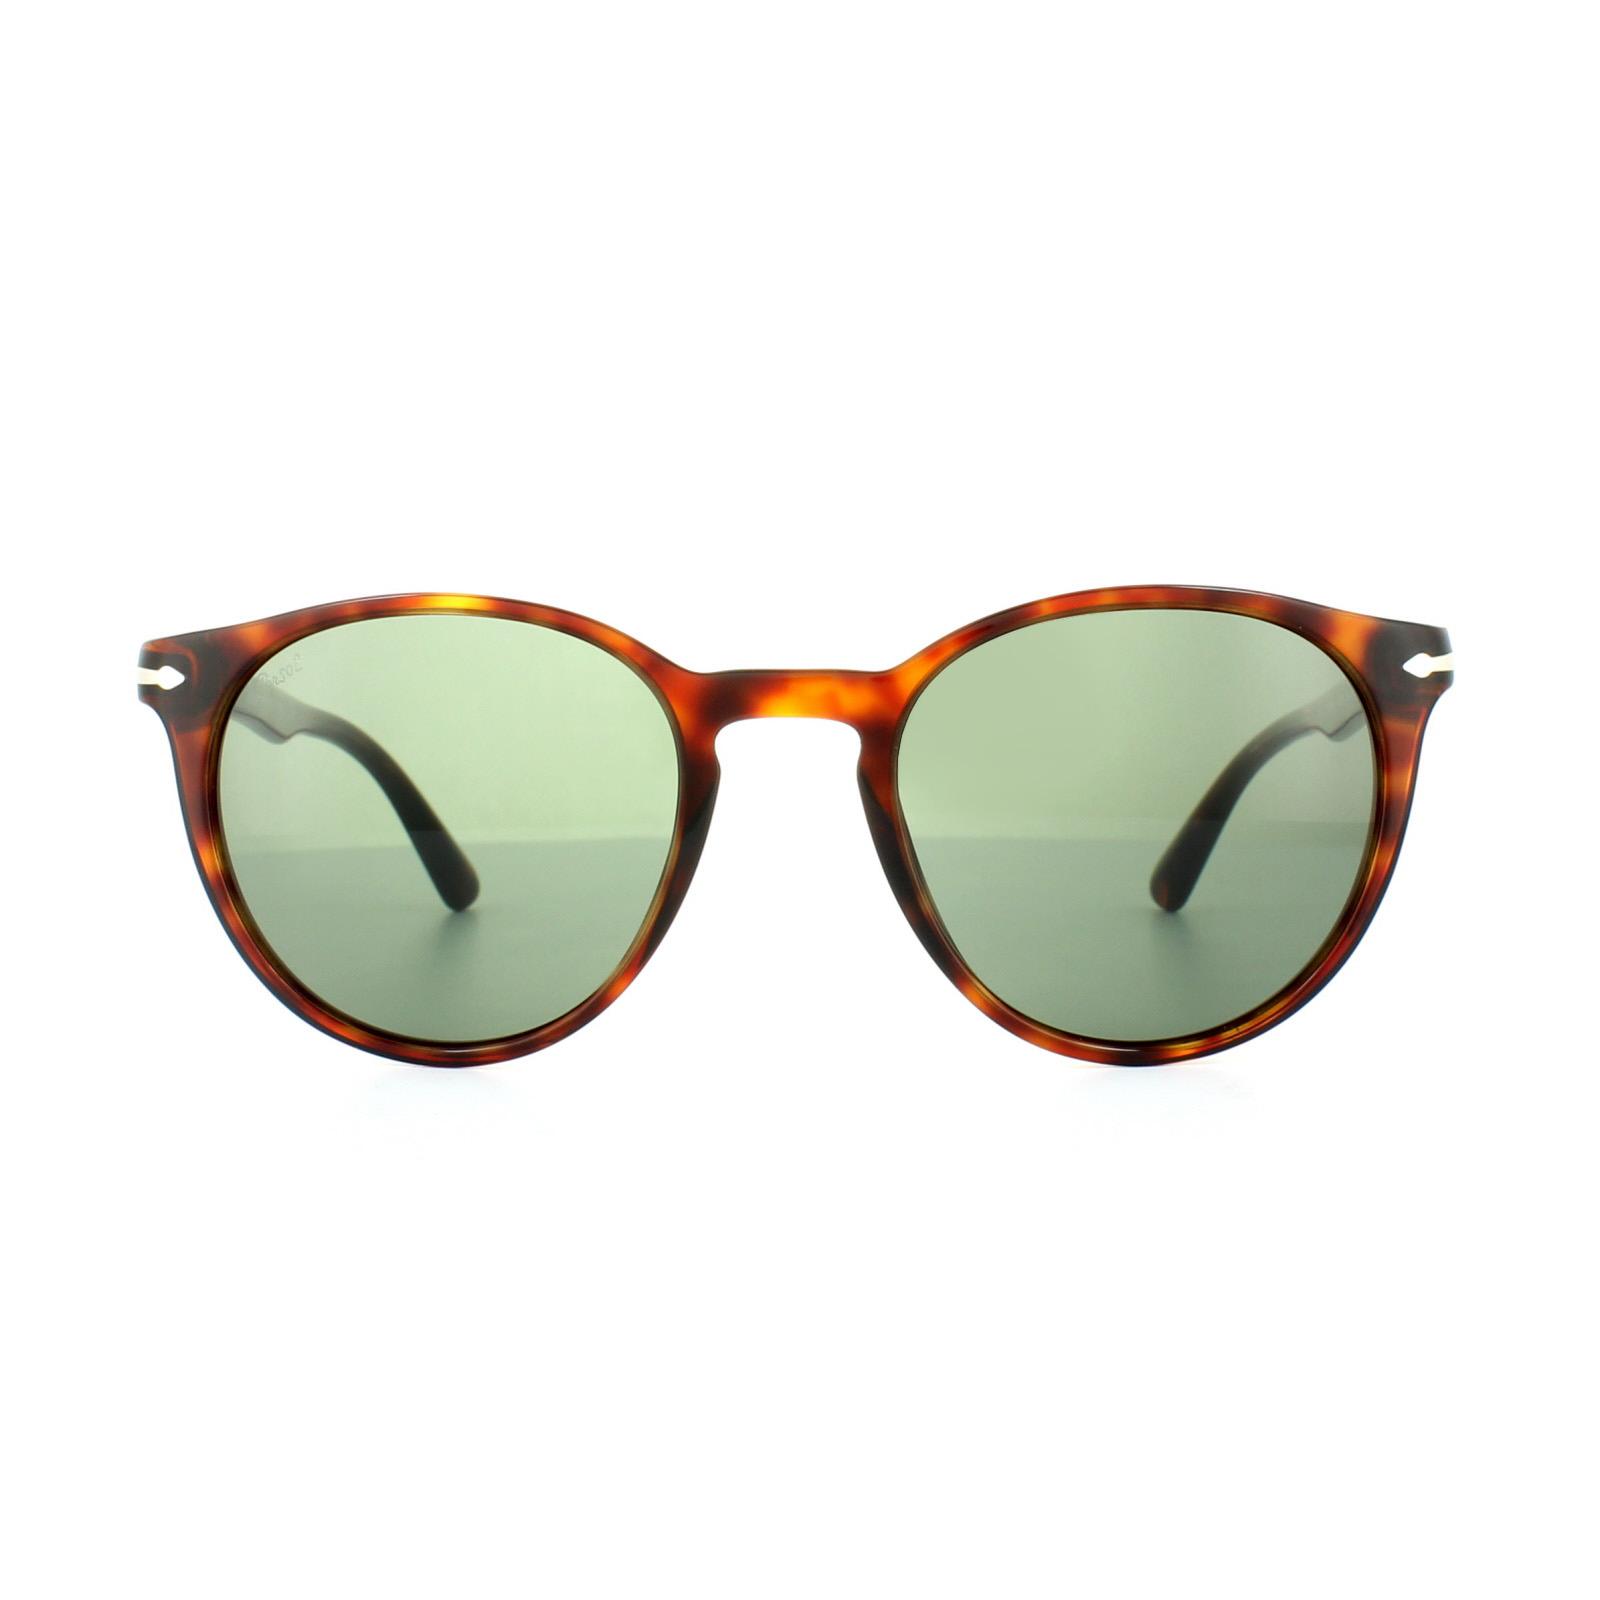 d7b199fd8b88b Sentinel Persol Sunglasses 3152 9015 31 Havana Grey Green